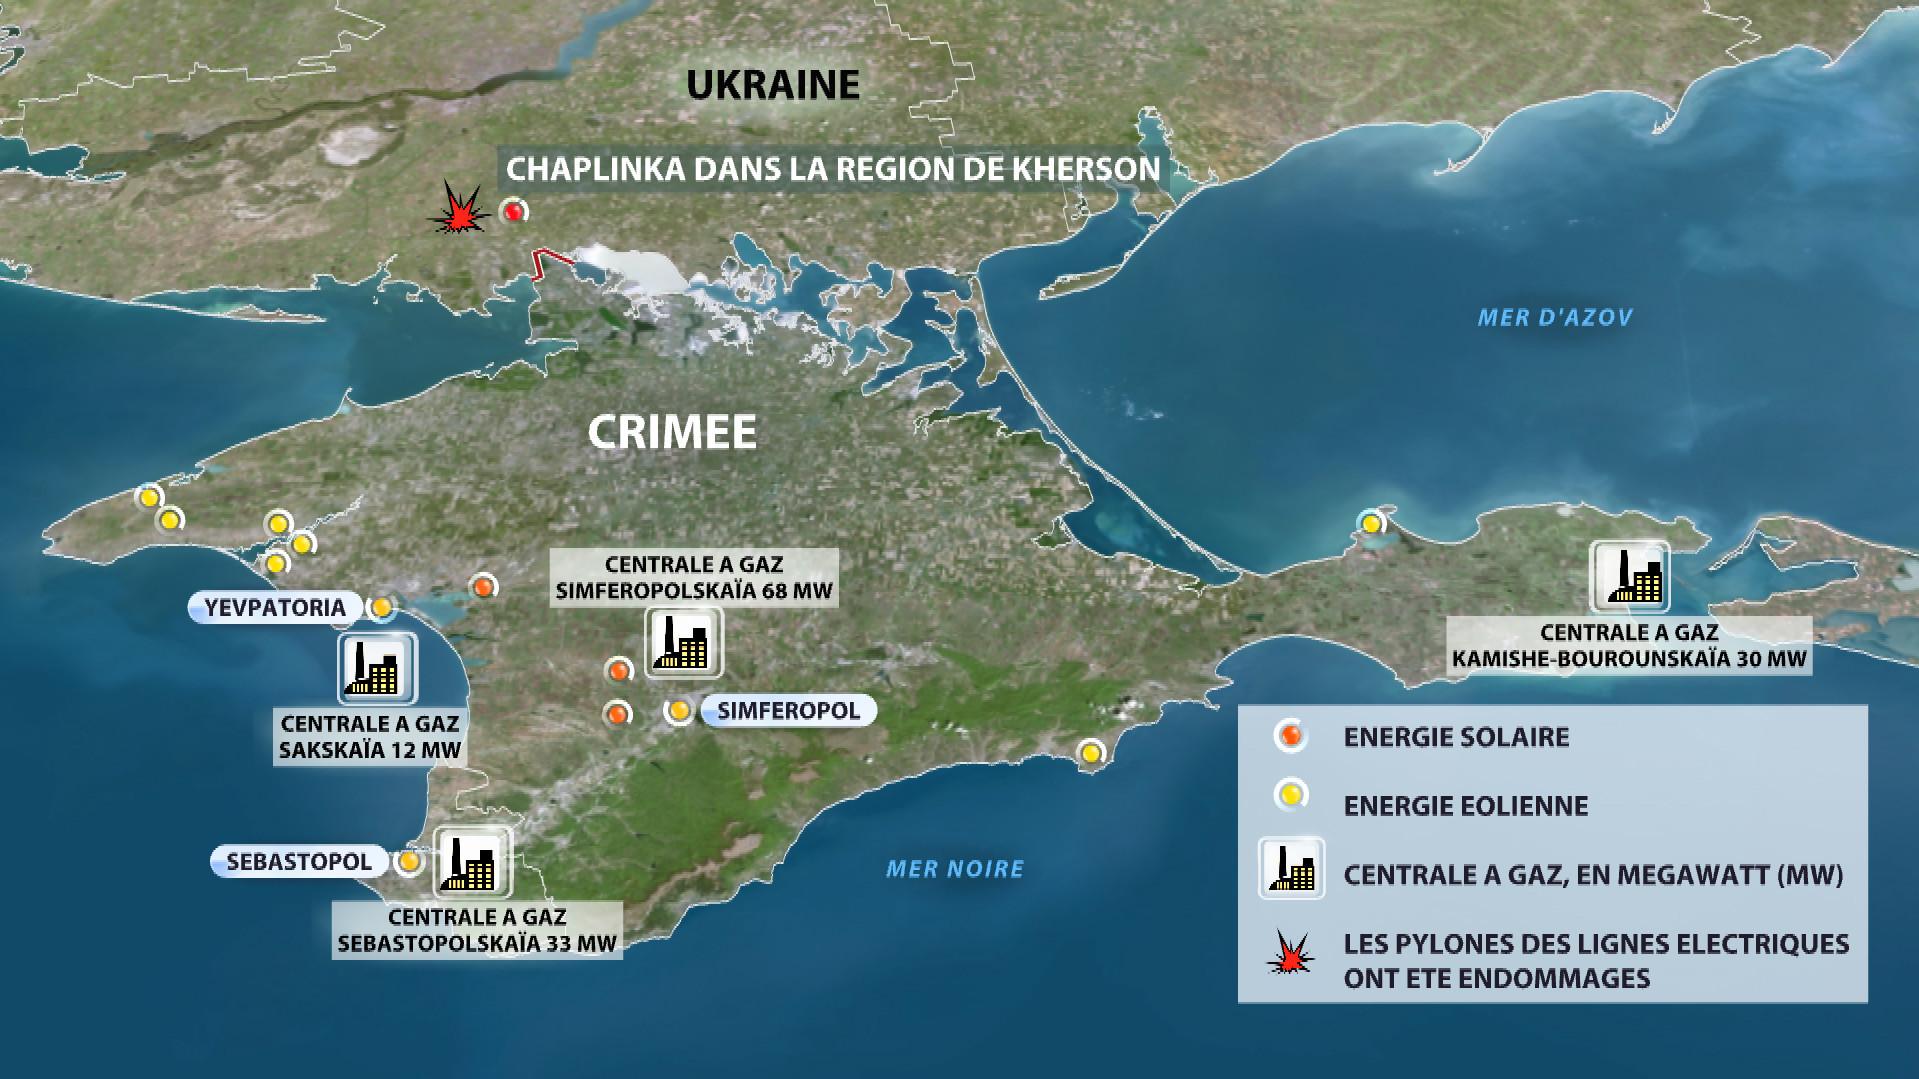 La Crimée se prononce contre les livraisons d'électricité ukrainienne